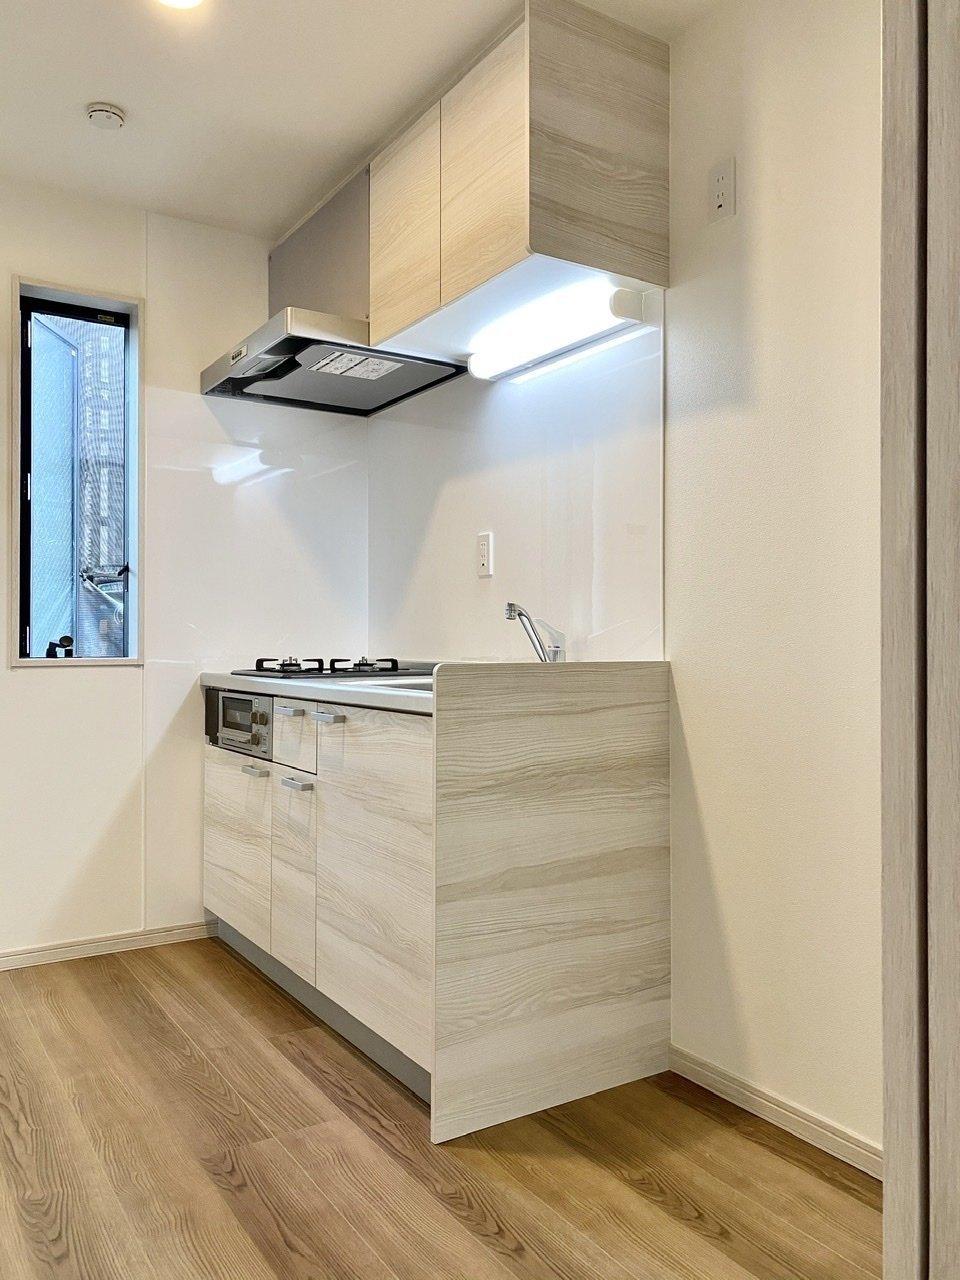 キッチンも木目調のアクセントシートが貼られていて、おしゃれさがプラスされています。作業スペースや収納スペースも十分な広さがあり、さらに2口コンロ付き。文句なしのキッチンです!